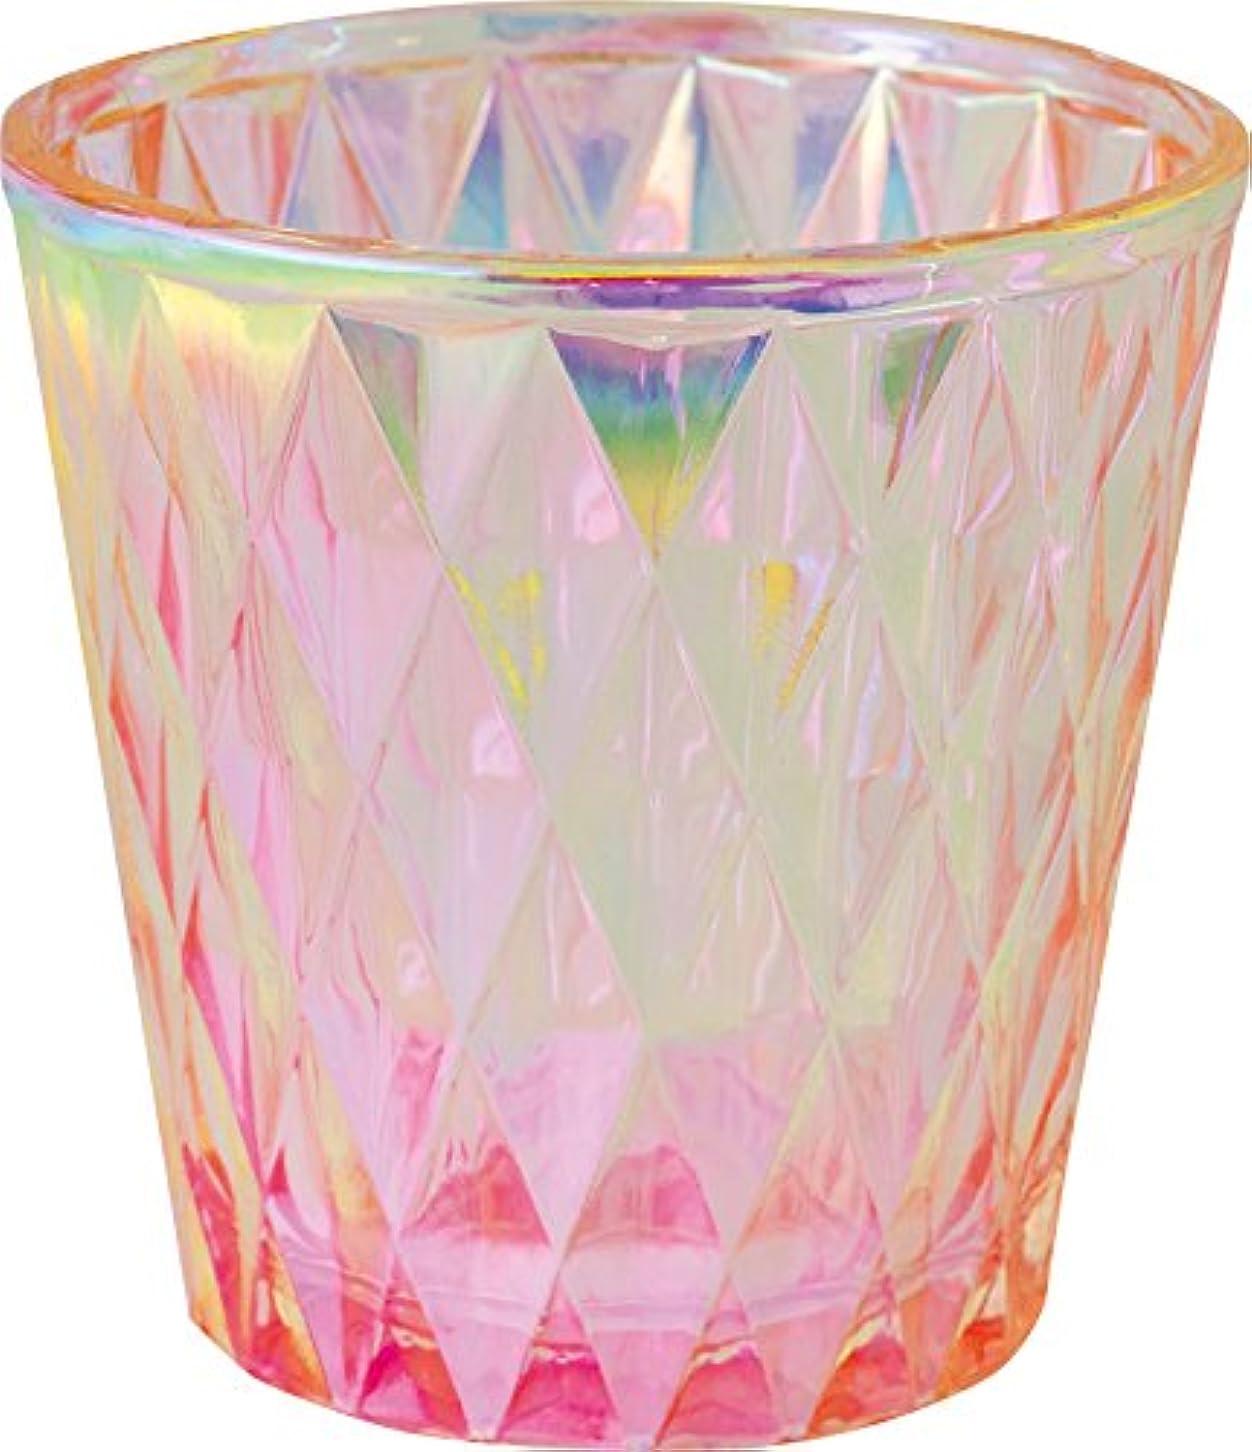 いらいらさせる球体法律カメヤマキャンドルハウス オーロラダイヤグラス キャンドルフォルダー ピンク